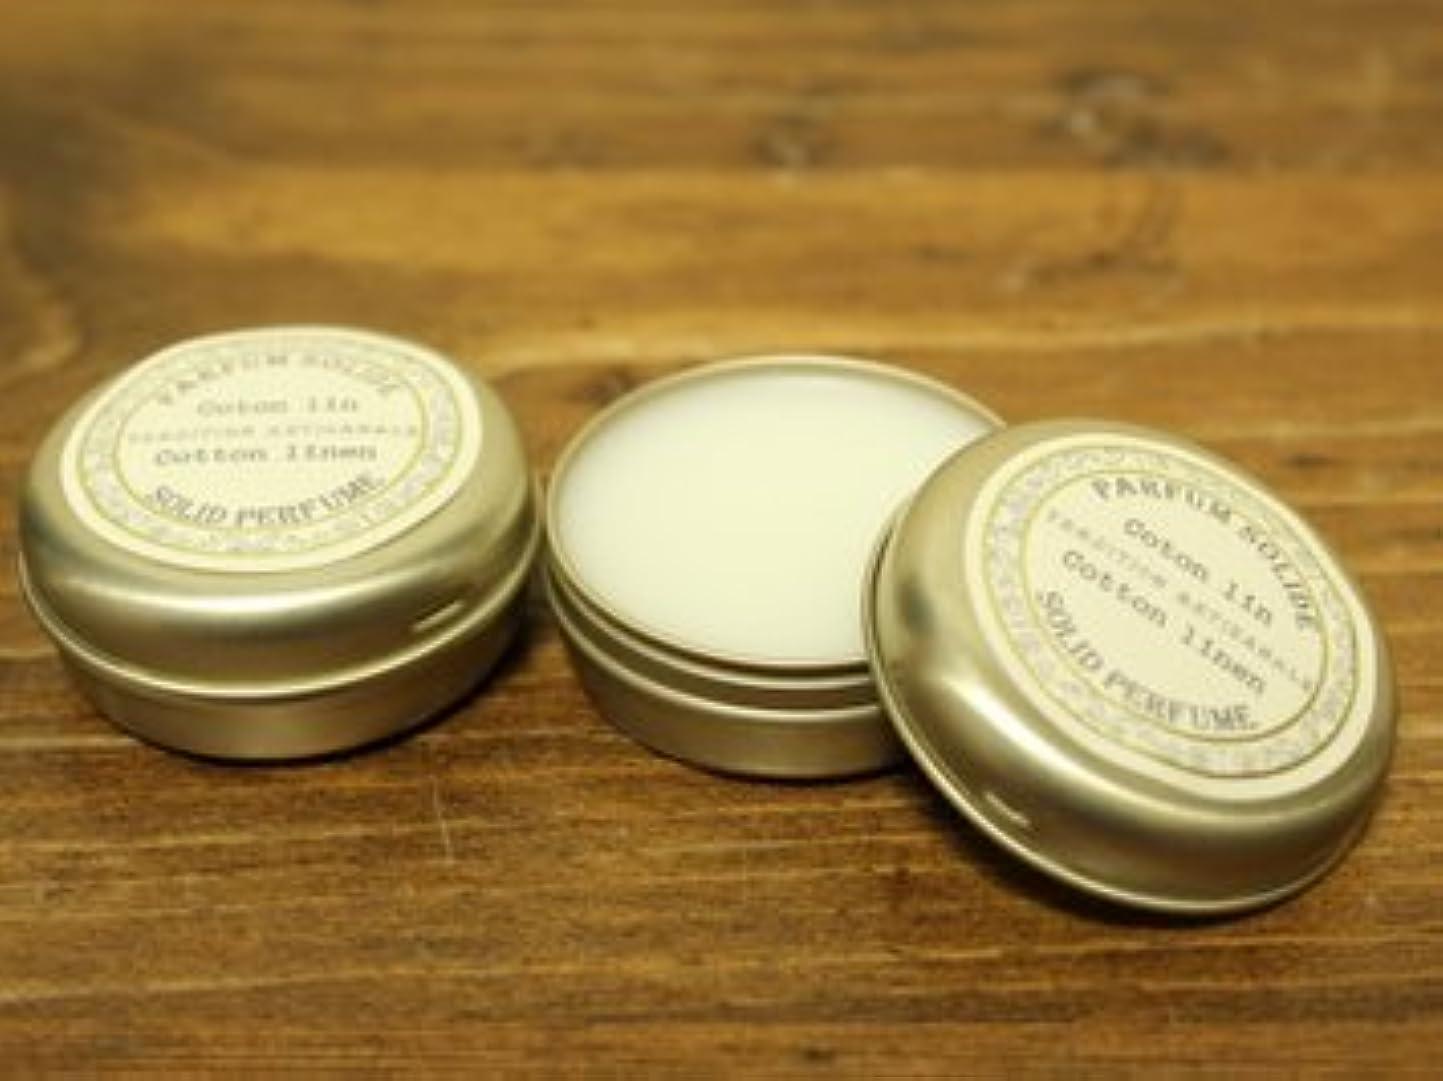 ダニ統合する熱心なSenteur et Beaute(サンタールエボーテ) フレンチクラシックシリーズ 練り香水 10g 「コットンリネン」 4994228023056